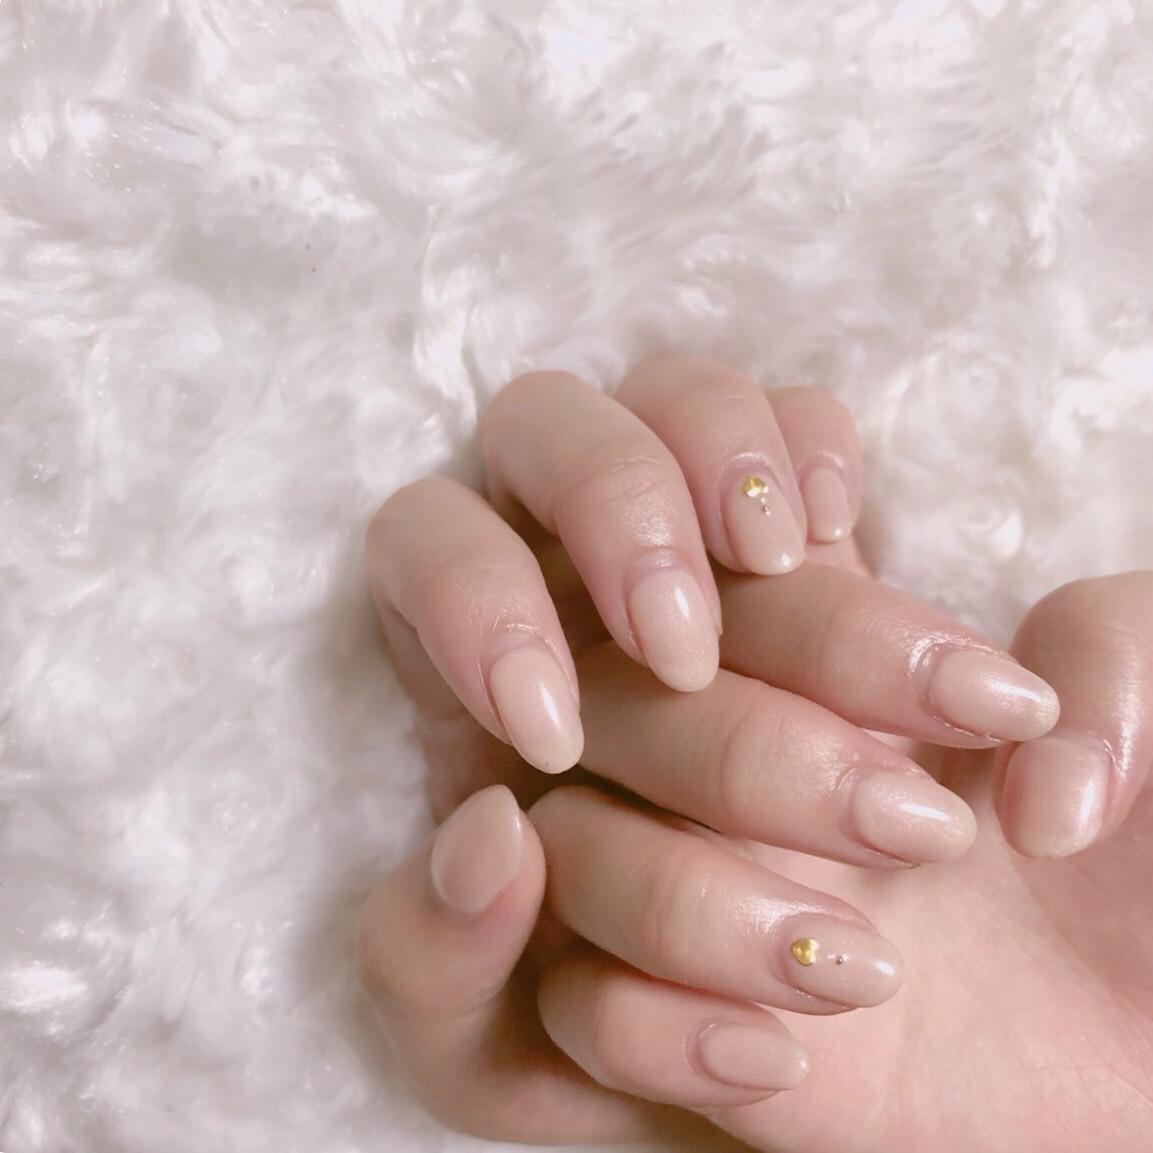 【 第110回❤︎ 】薬指のハートがポイント♡ミルキーピンクネイル*_1_2